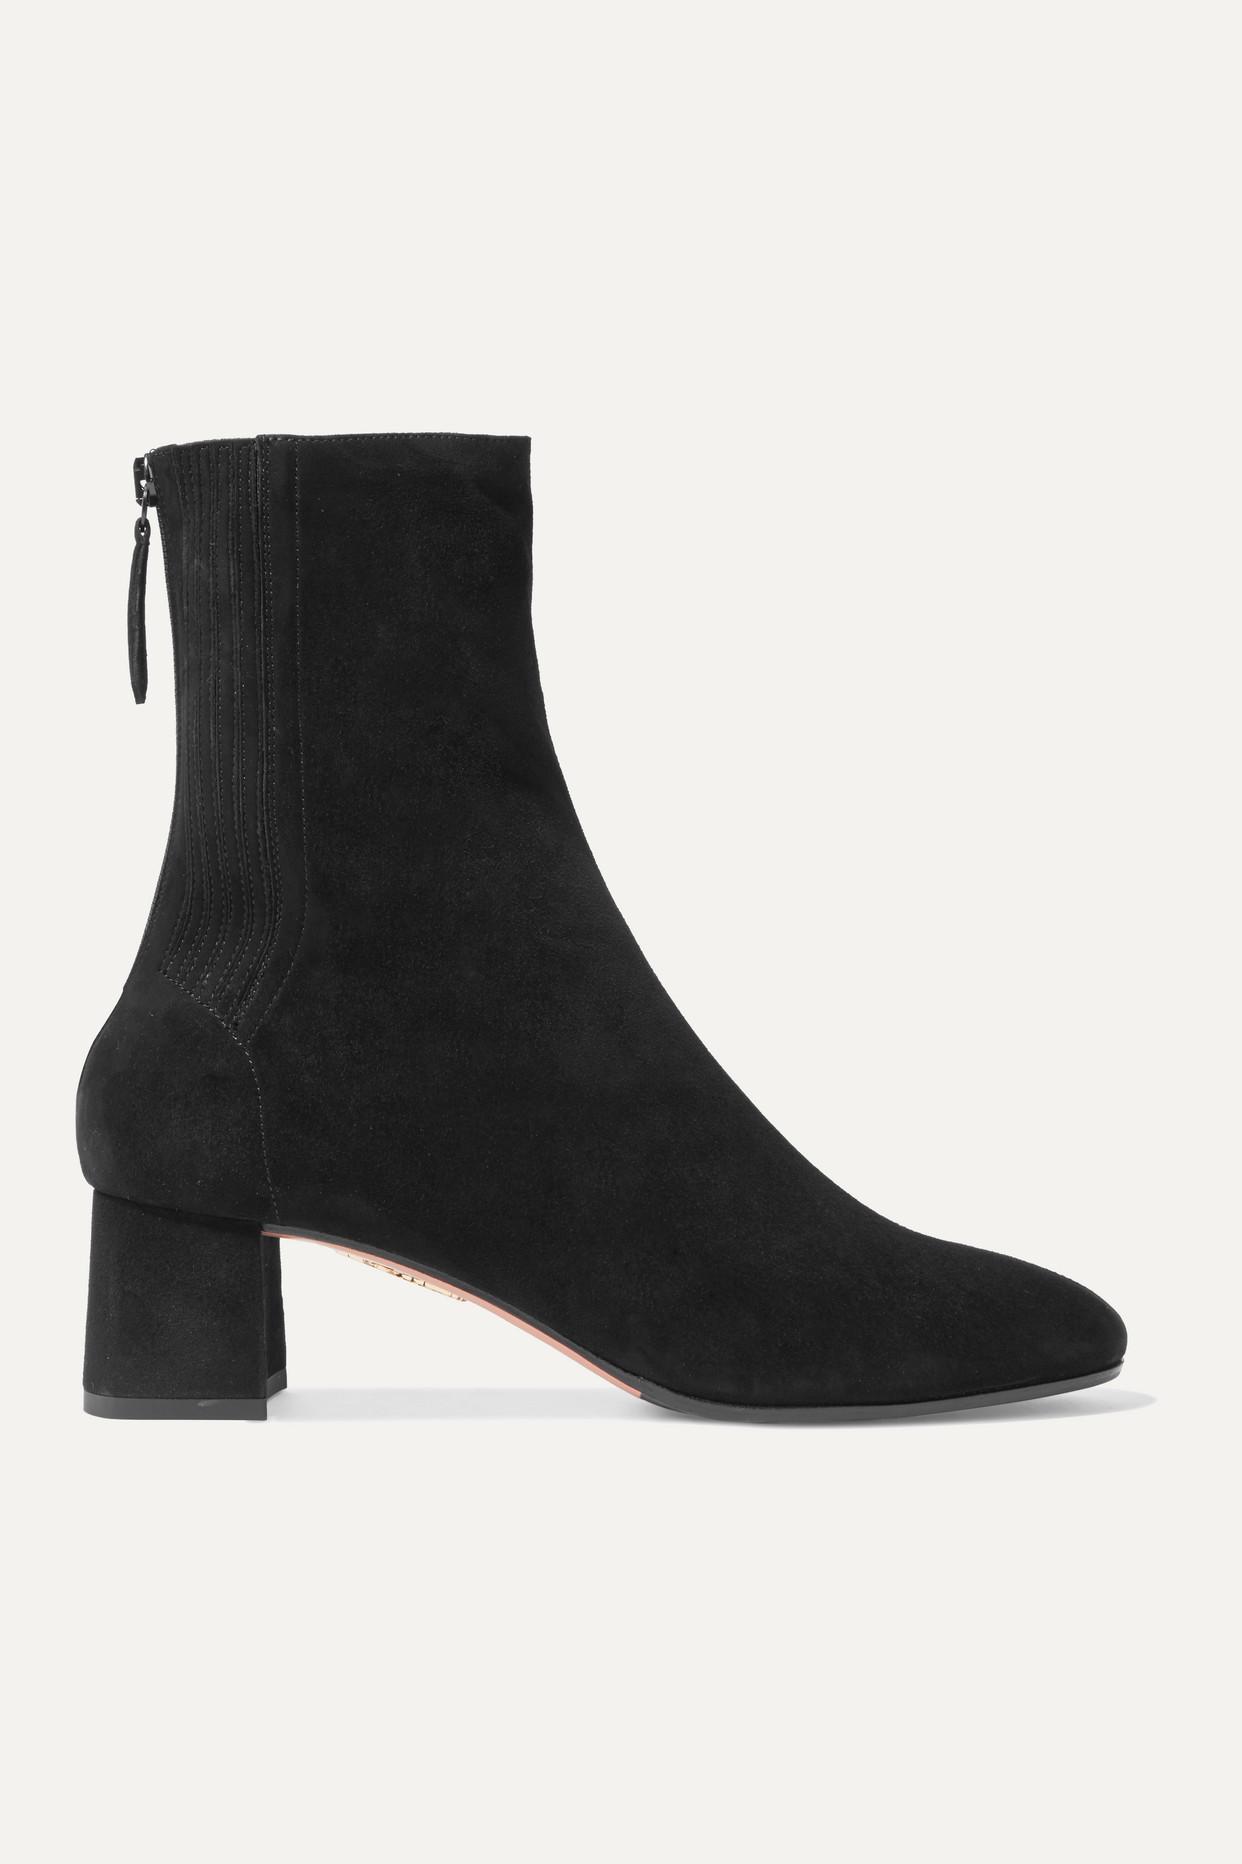 AQUAZZURA - Saint Honoré 50 绒面革袜靴 - 黑色 - IT39.5